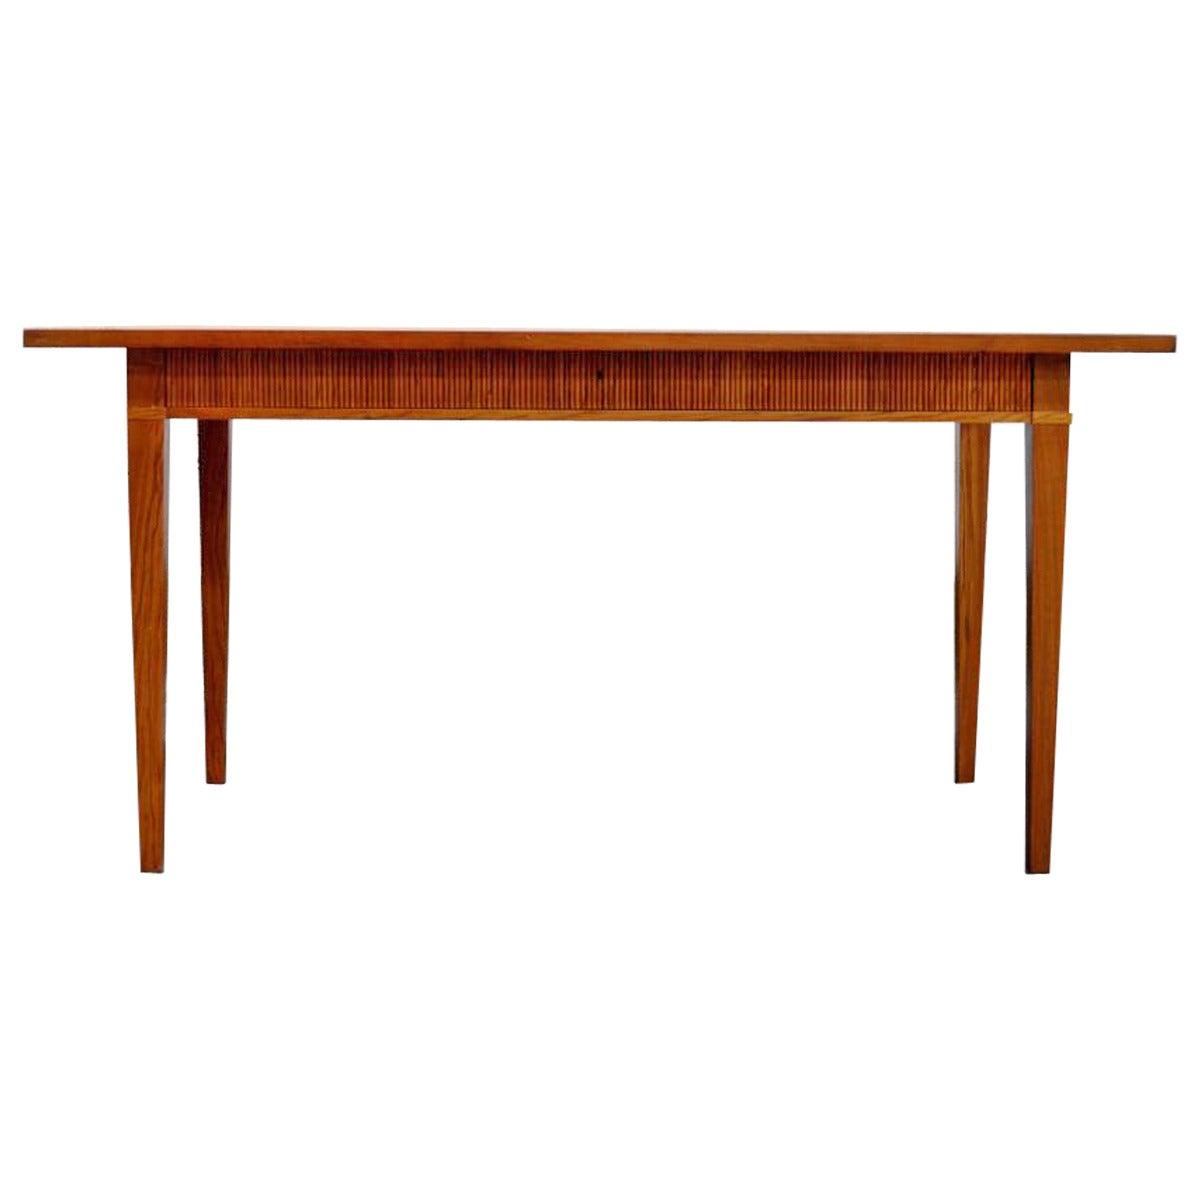 Swedish Walnut Desk by Nordiska Kompaniet at 1stdibs